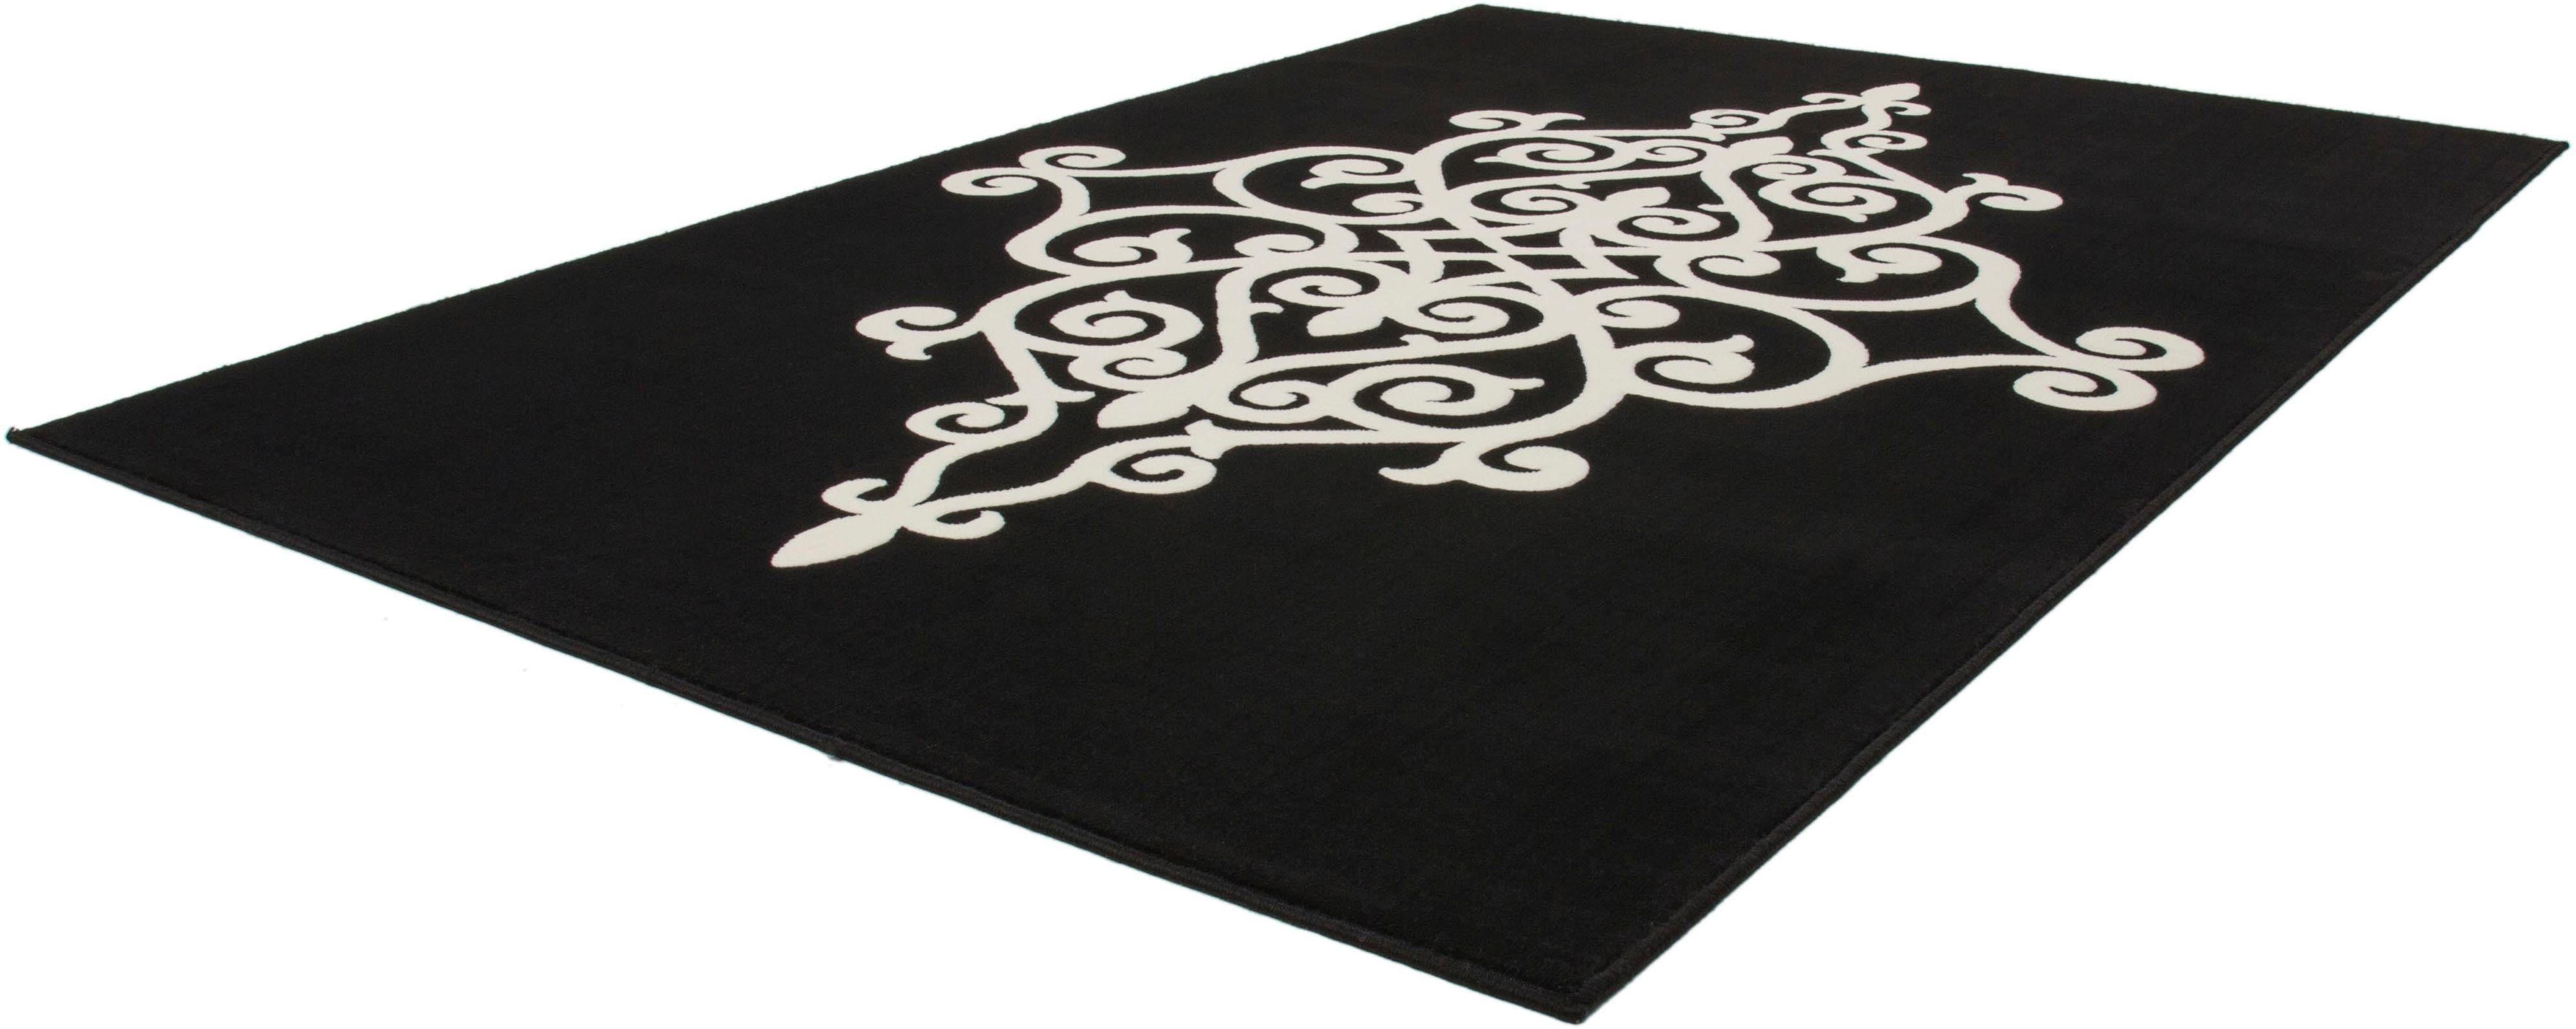 Teppich Tocca 2077 calo-deluxe rechteckig Höhe 10 mm maschinell gewebt